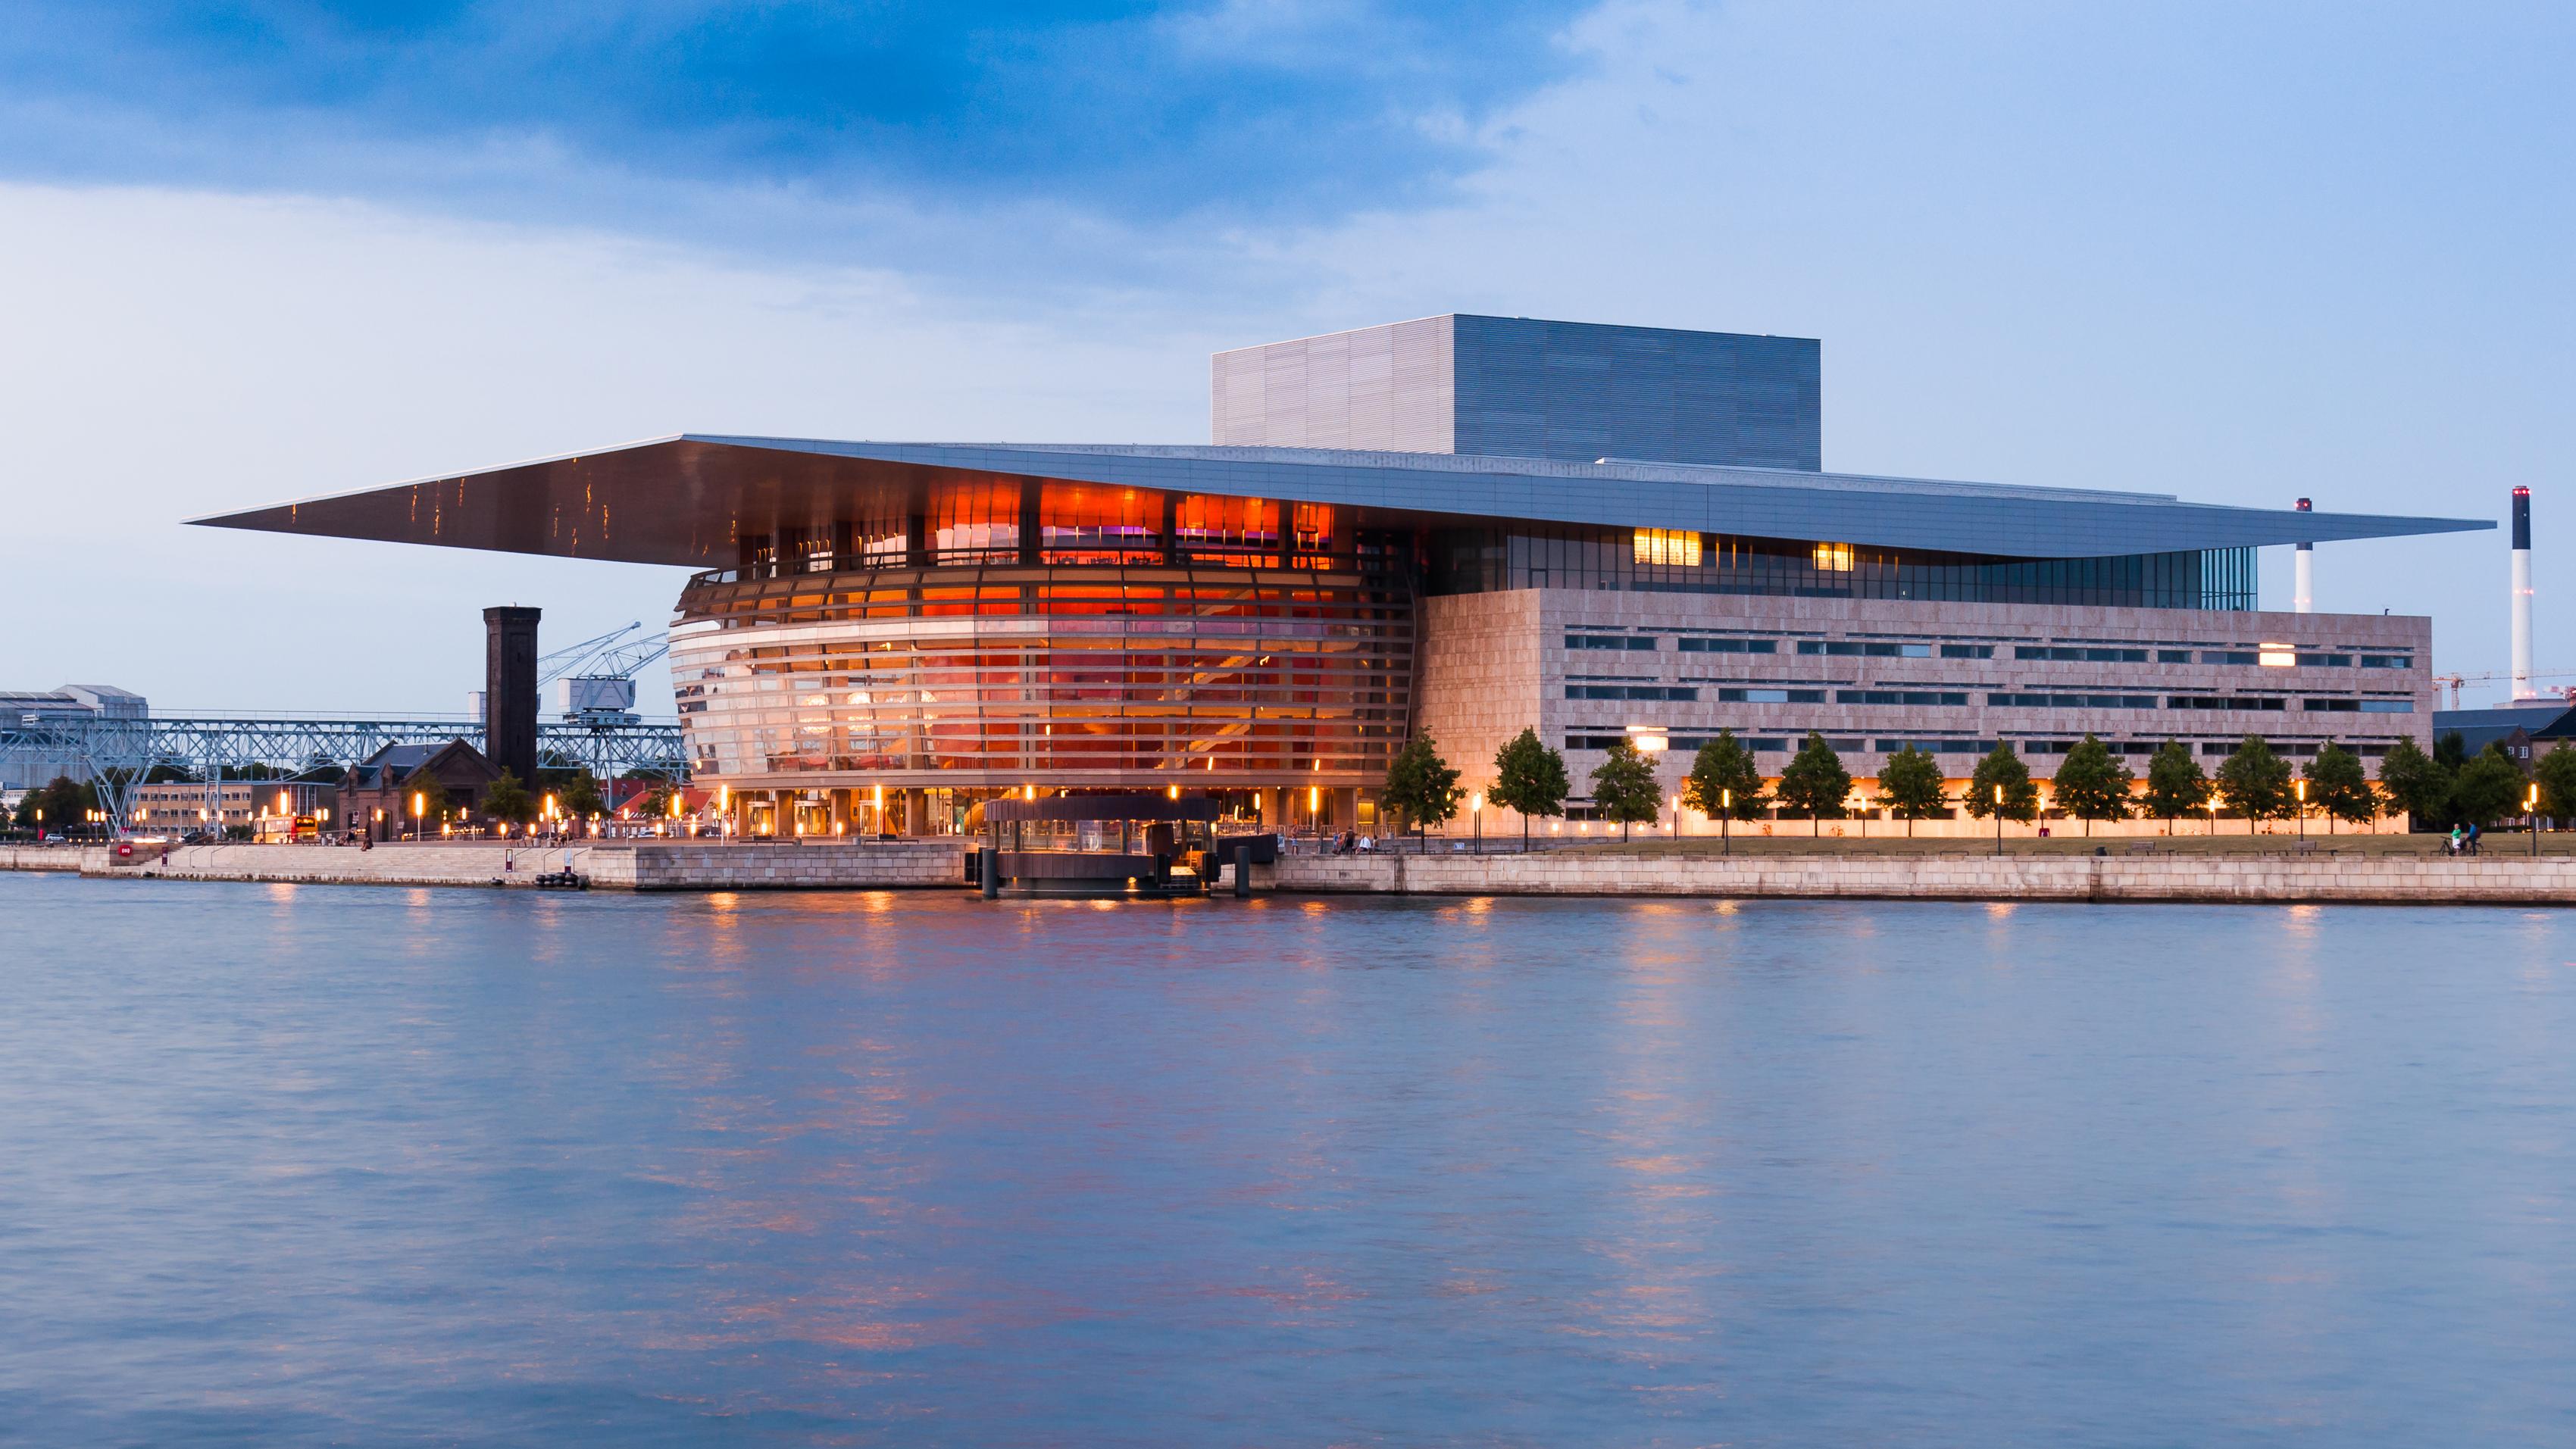 Ópera de Copenhague - Wikipedia, la enciclopedia libre